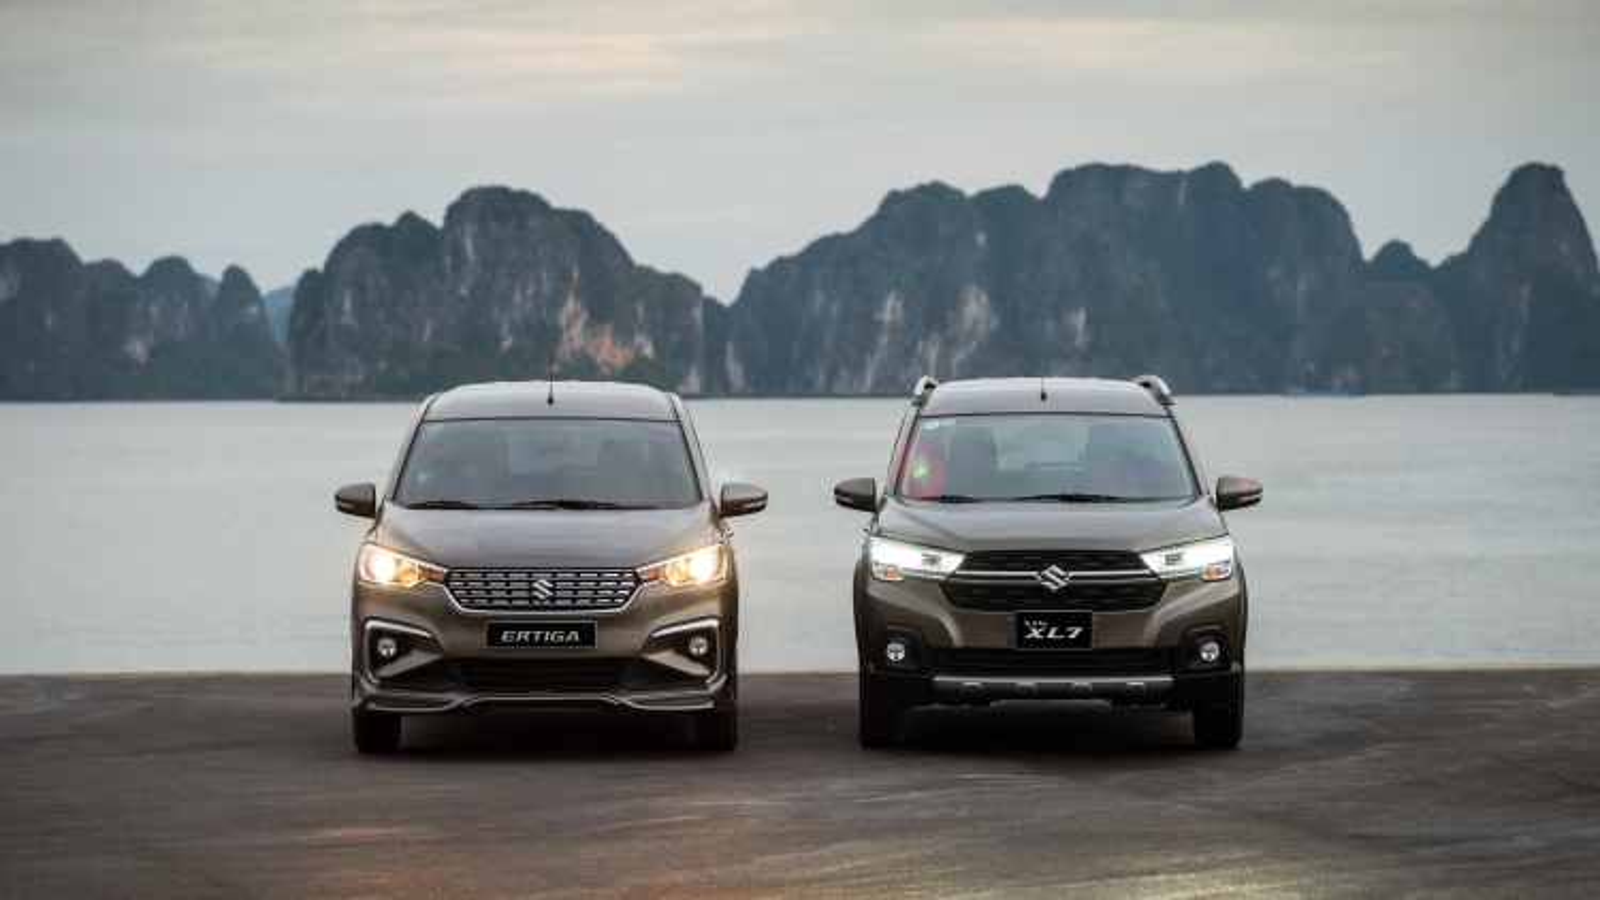 Lượng xe Suzuki bán ra bị giới hạn do thiếu nguồn cung linh kiện